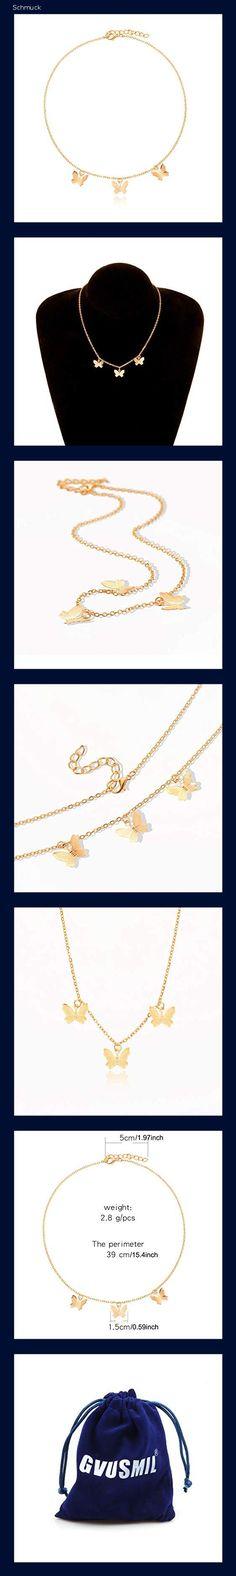 GVUSMIL Schmetterling Halskette zum Frauen Mädchen Y Anhänger Halsband Kette Halskette Charme Schmuck Geschenk zum Ihr - 14ni Glamour, Butterfly Necklace, Jewelry Gifts, Woman